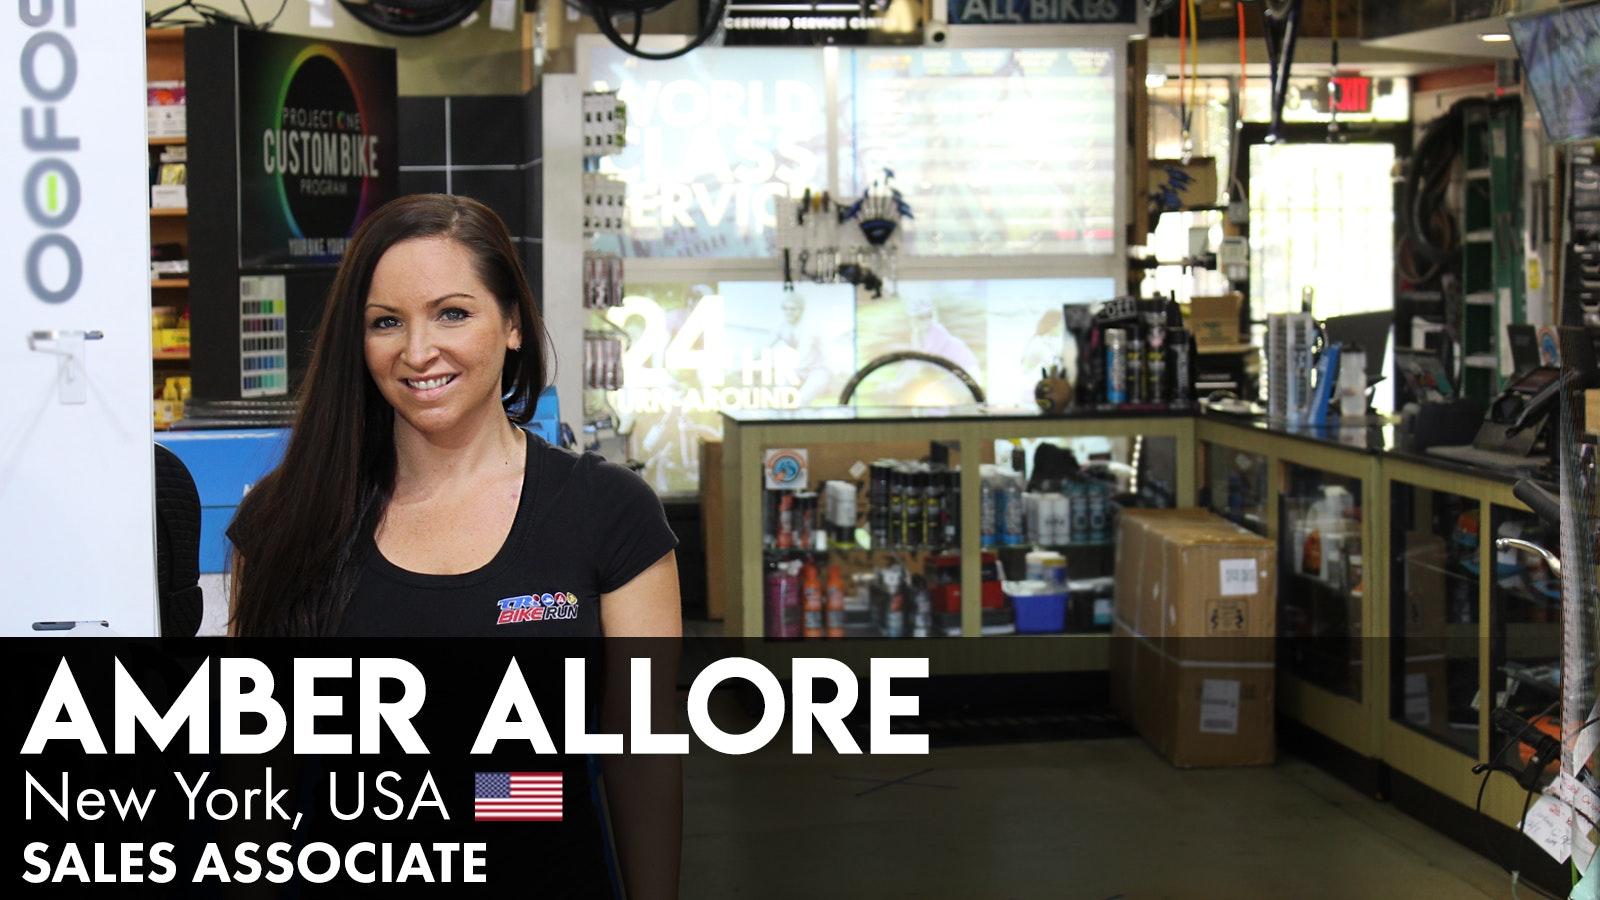 Amber Allore